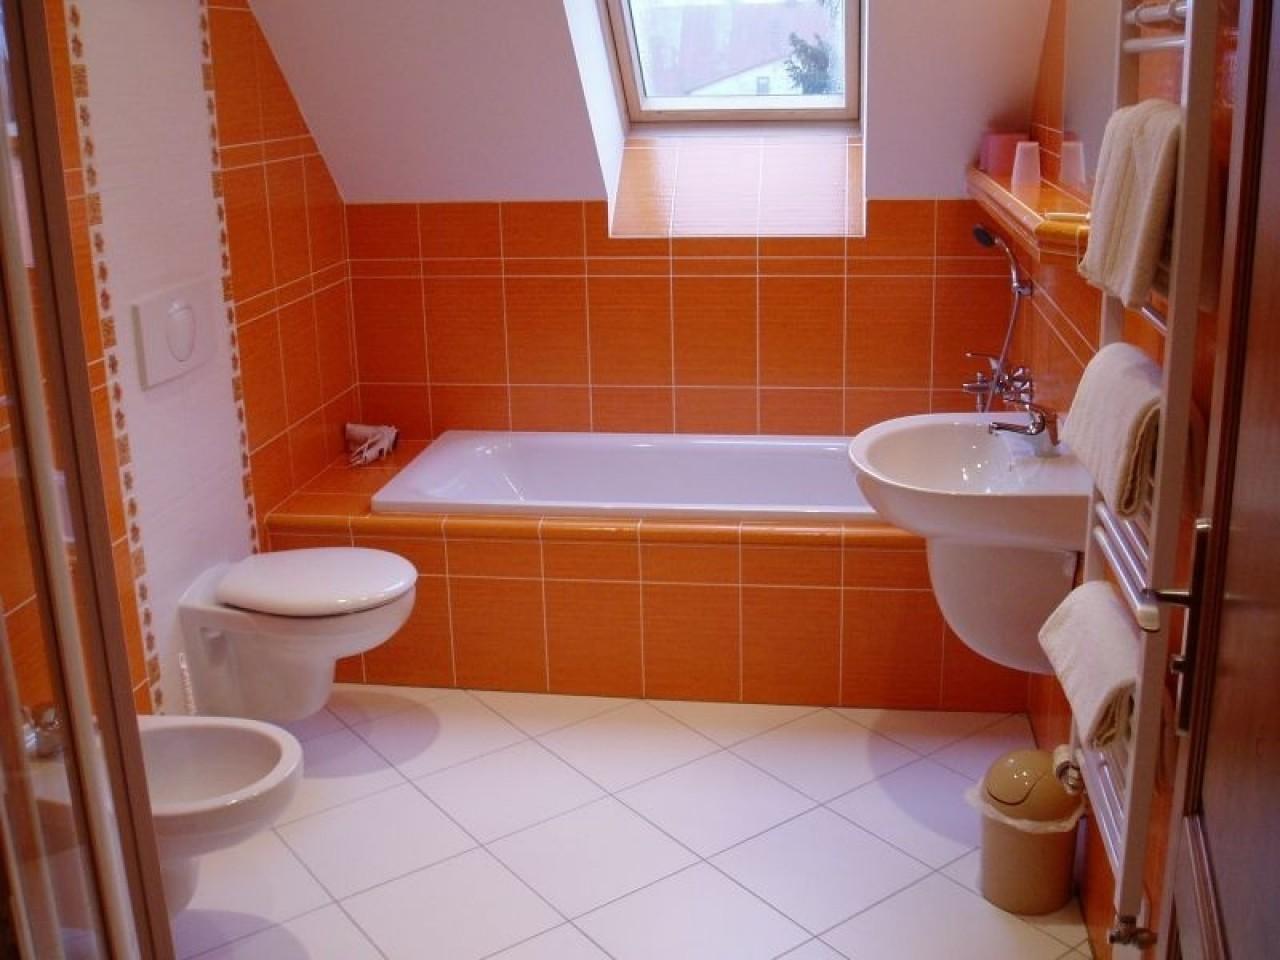 Как сделать ремонт ванной комнаты фото